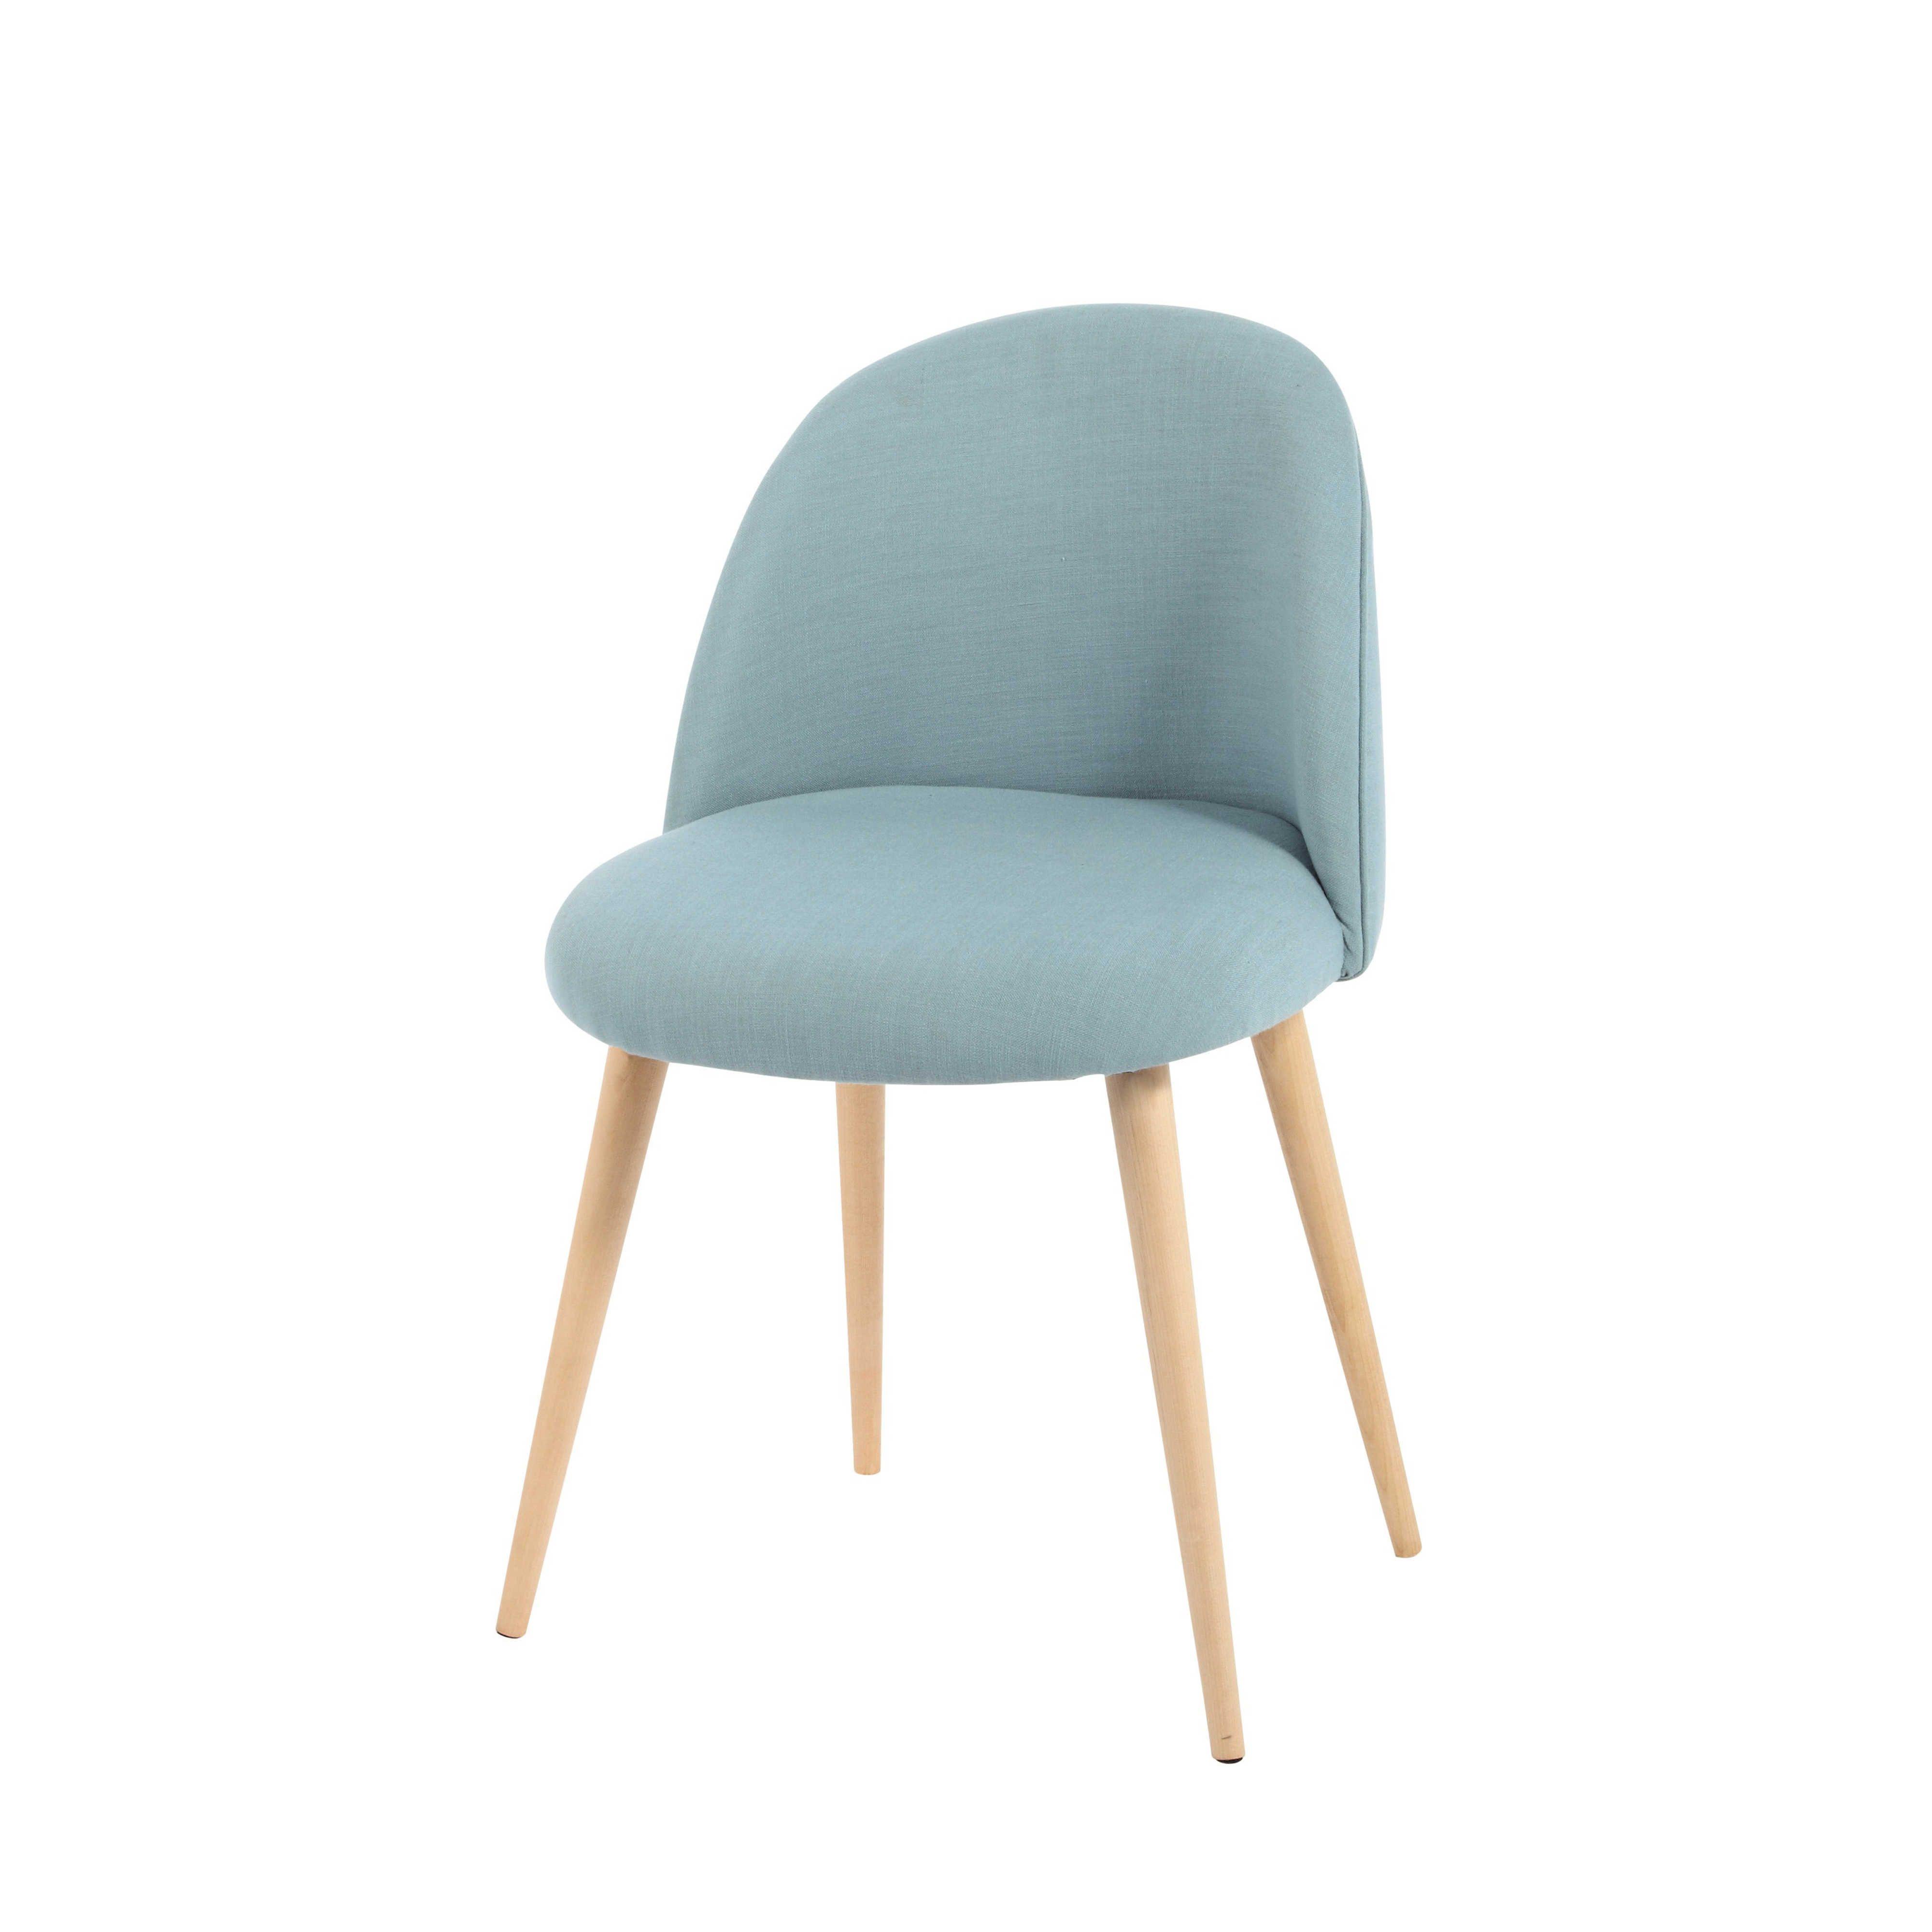 Chaises maison monde for Chaise transparente solde